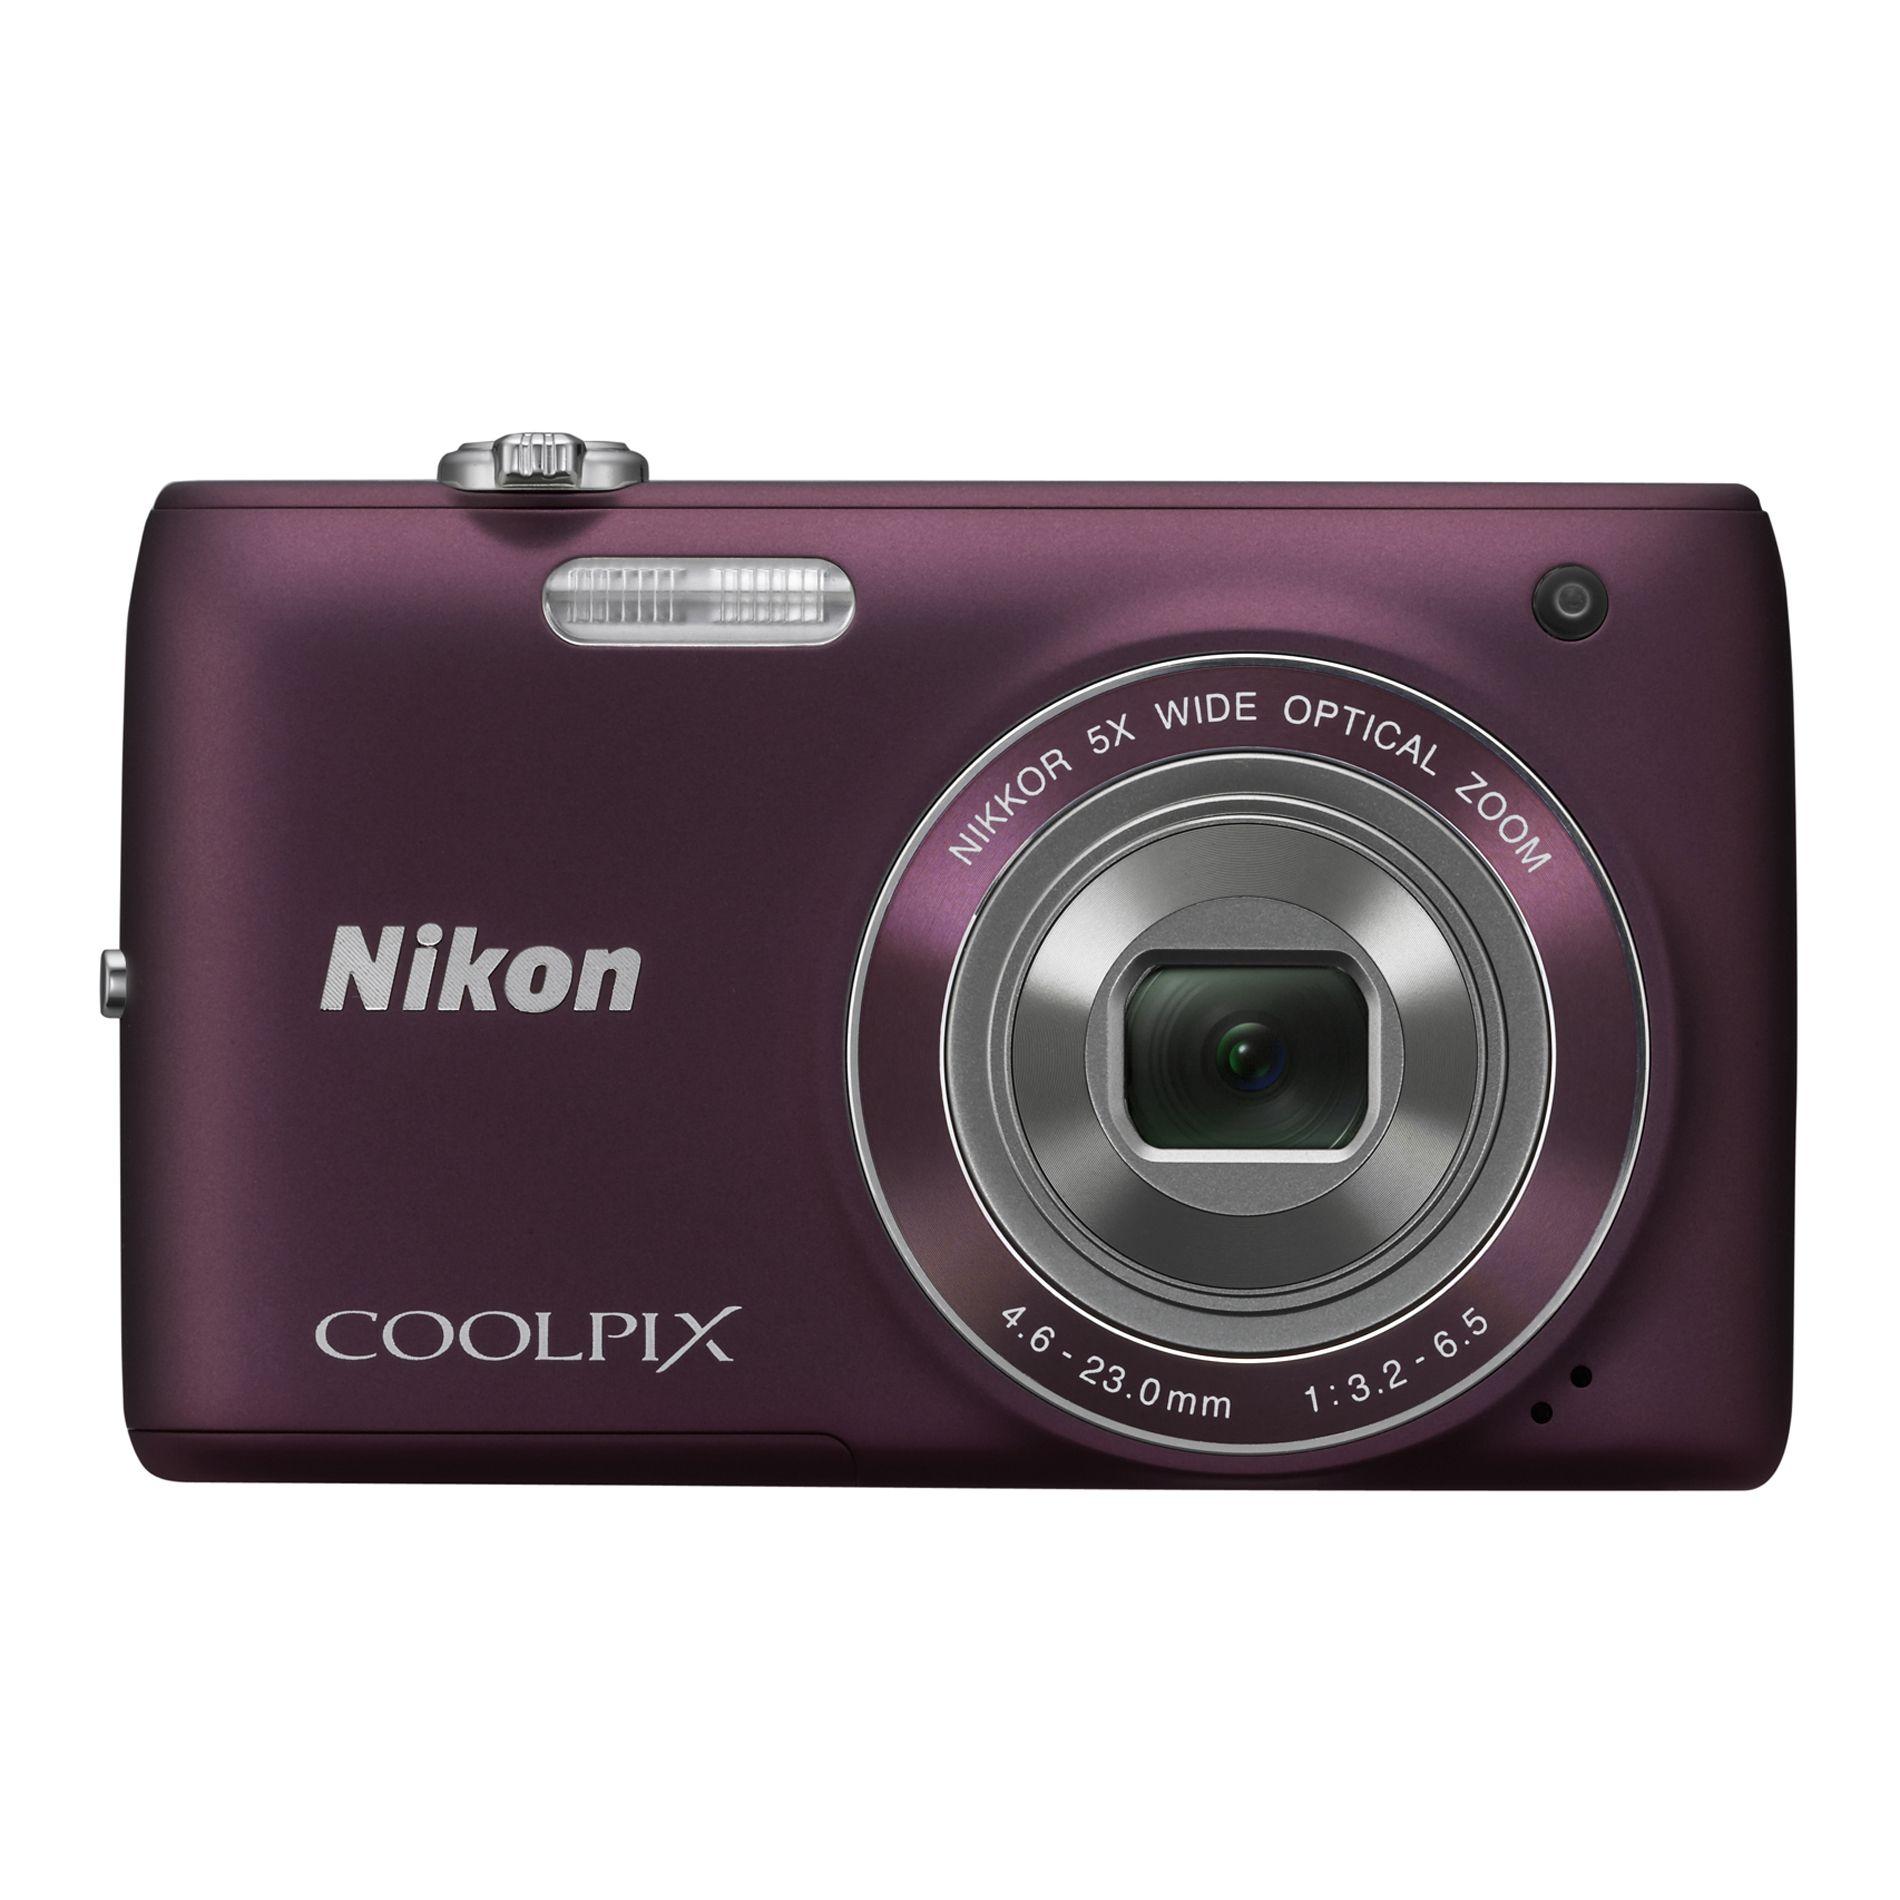 Nikon CoolPix S4100 Digital Camera MD Kit - Plum